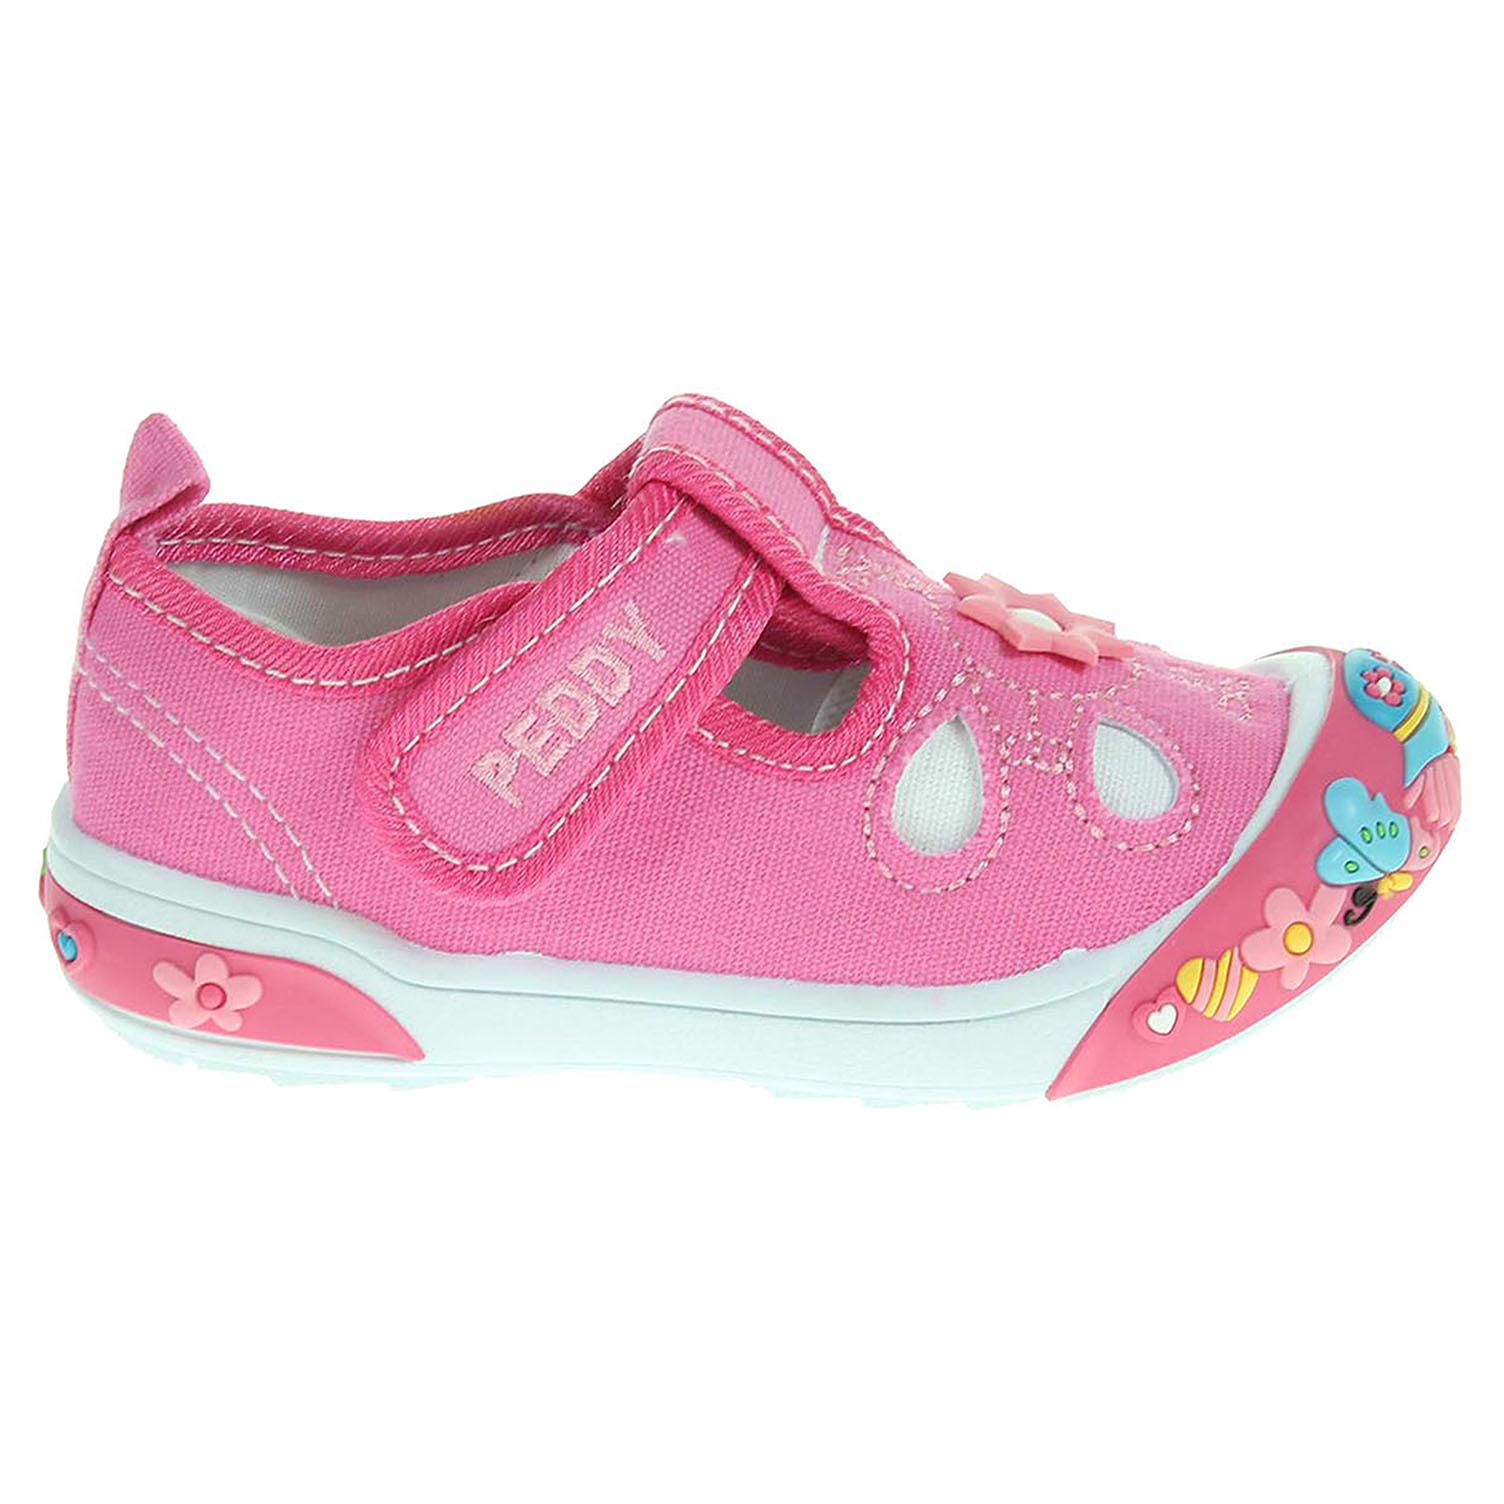 Peddy dívčí obuv PQ-601-25-11 růžová 23